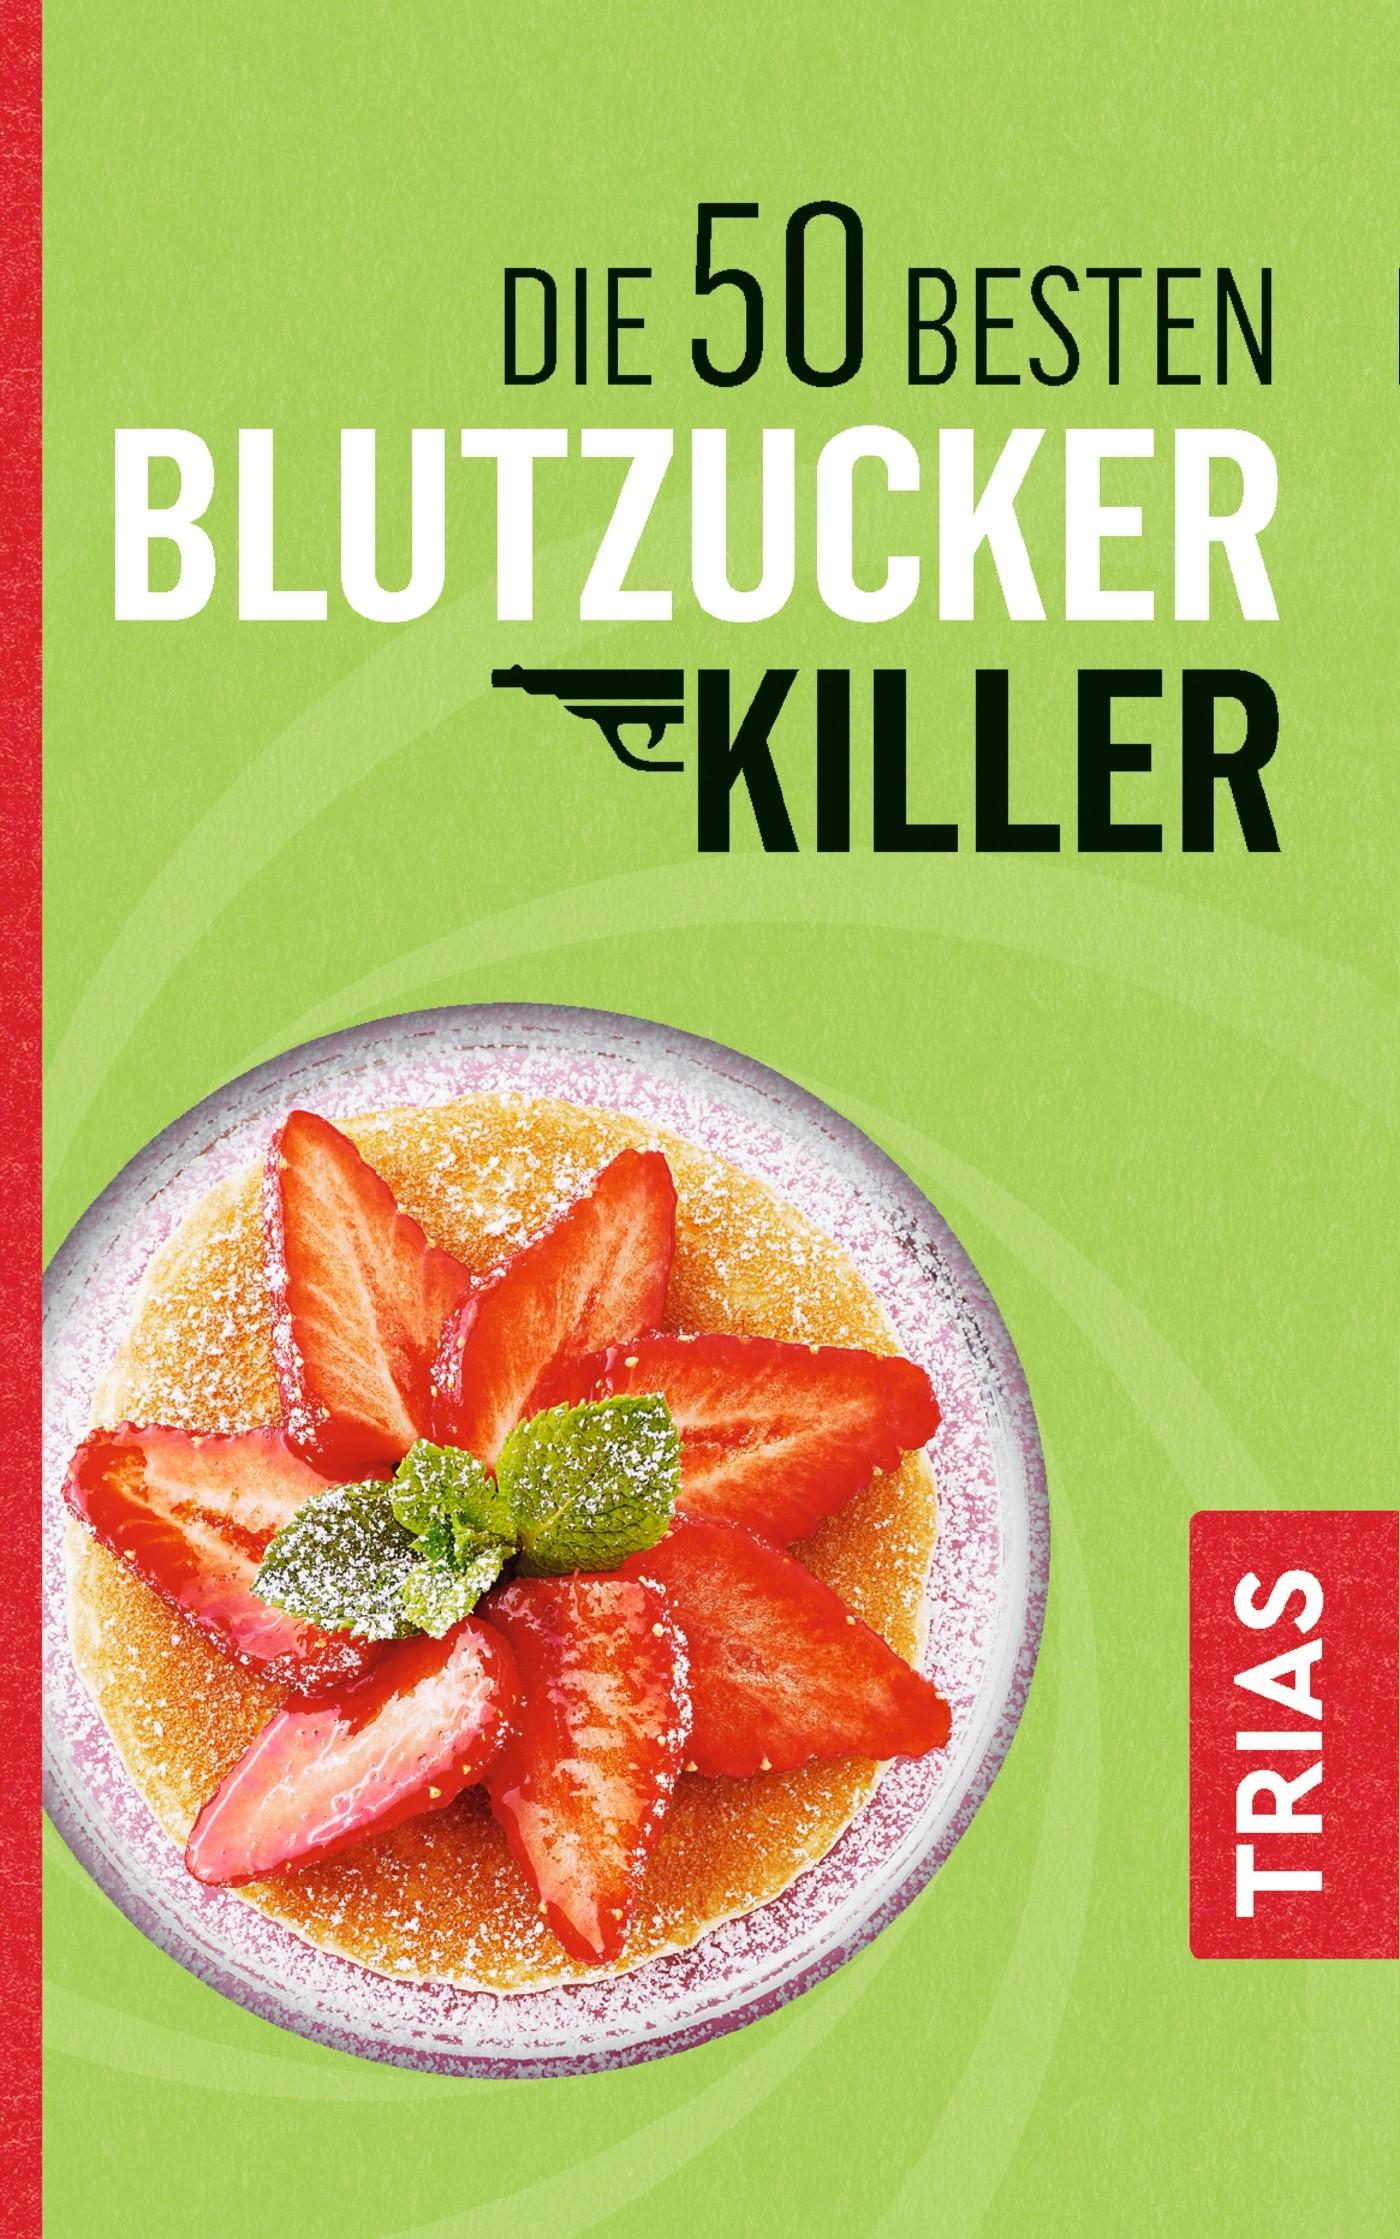 Die 50 besten Blutzucker-Killer | Müller | 2., überarbeitete Auflage, 2017 | Buch (Cover)